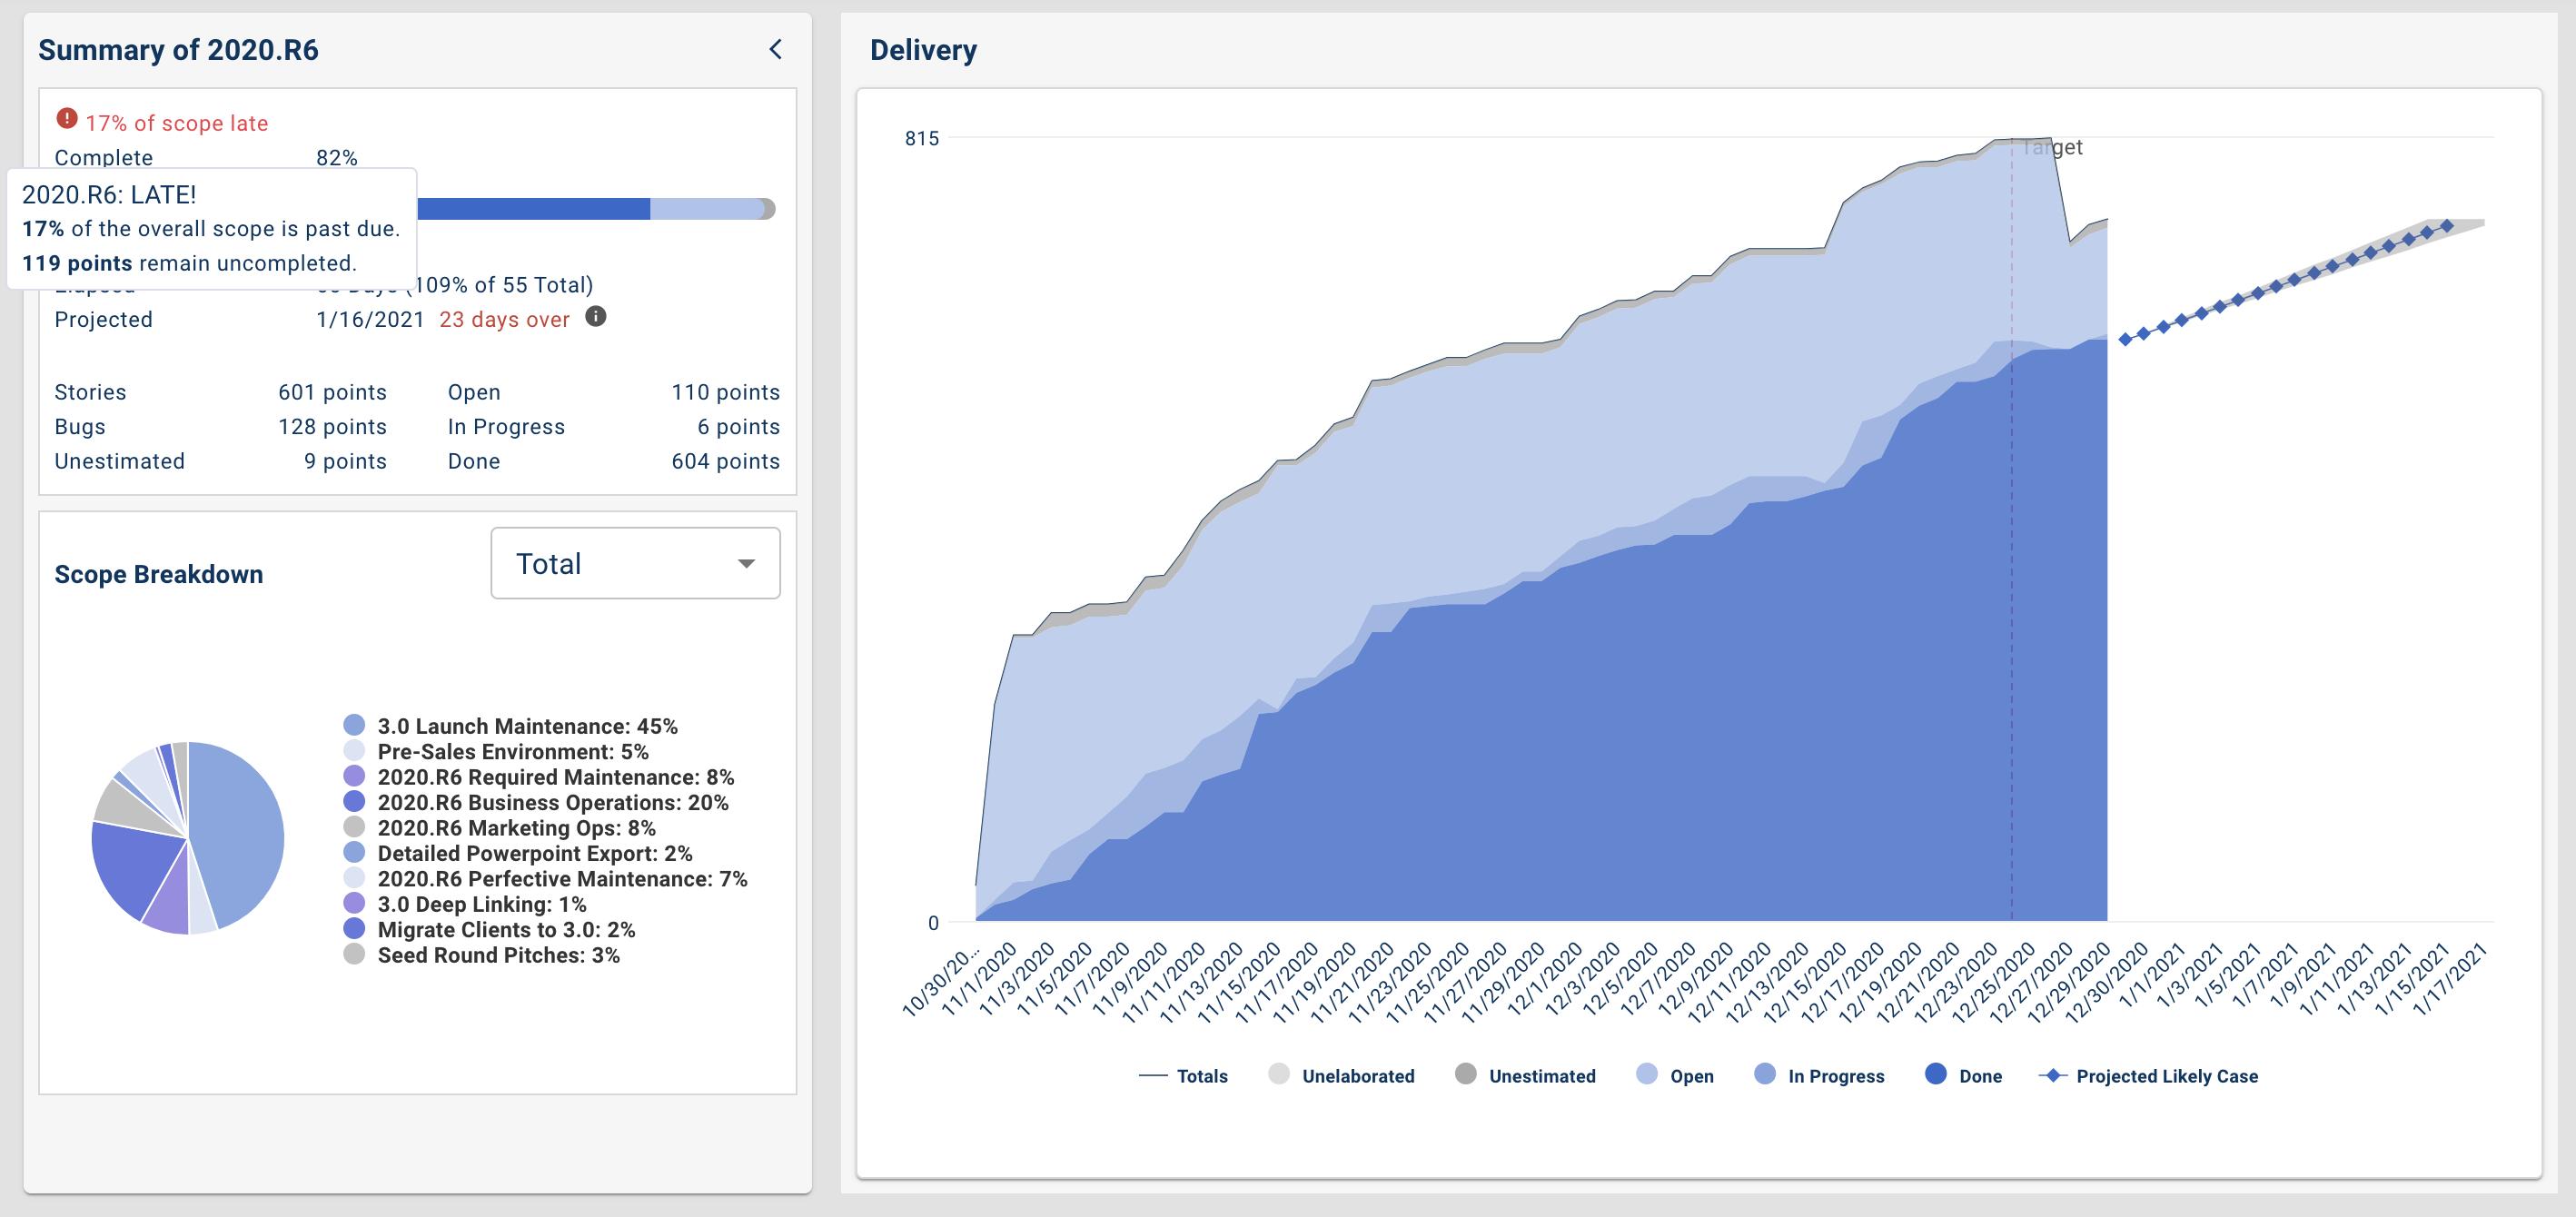 Hakkiri Feature - Predictive Analytics